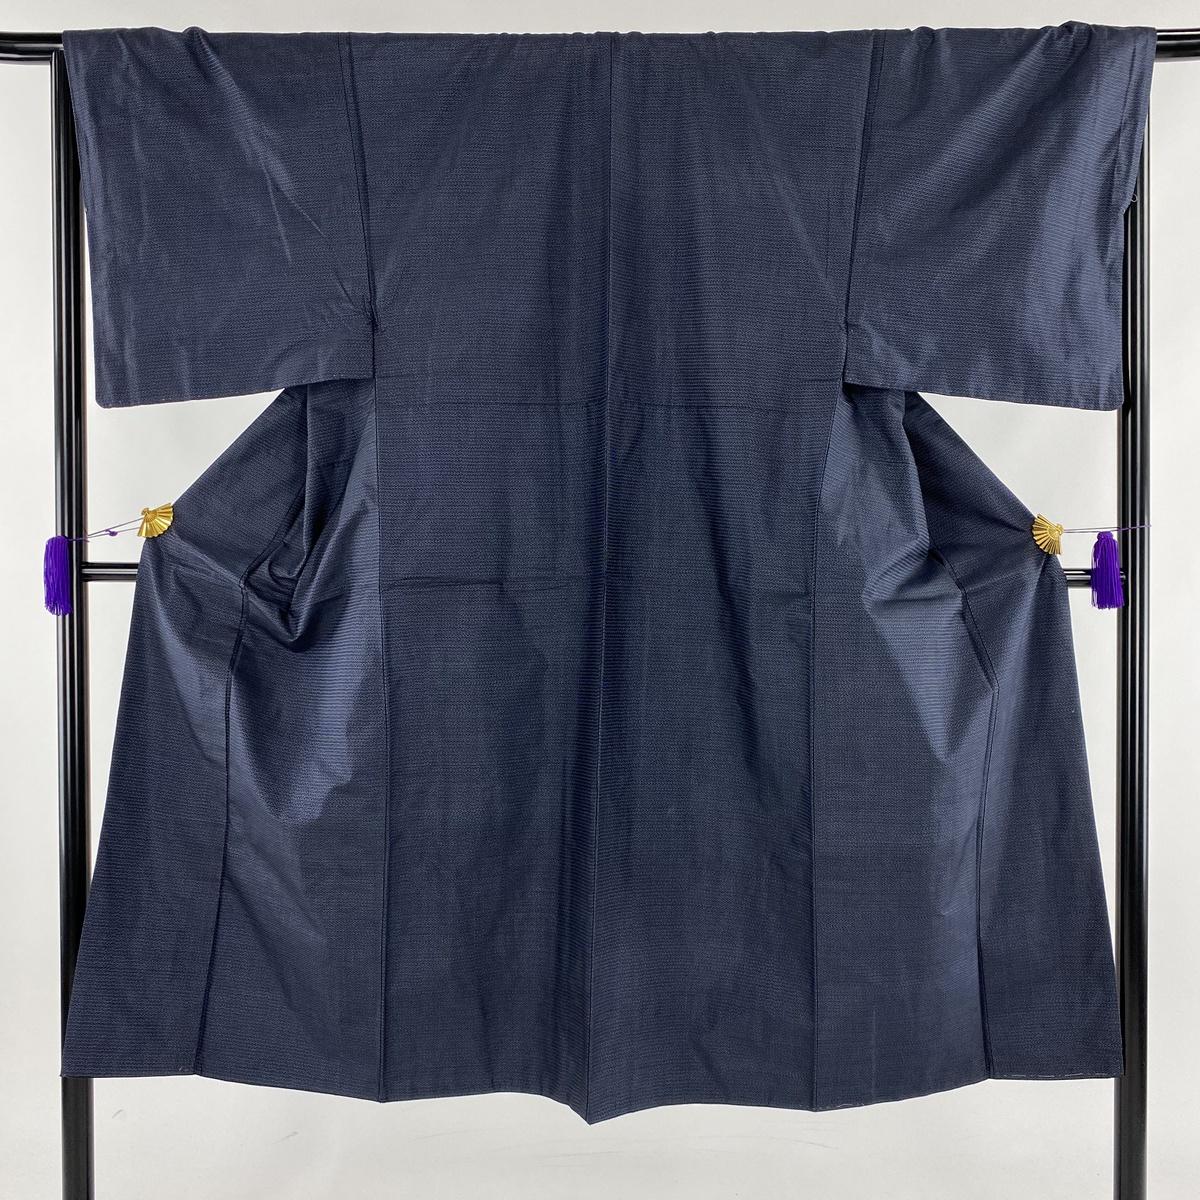 男着物 美品 秀品 アンサンブル 亀甲絣 紺色 袷 身丈137.5cm 裄丈67cm S 正絹 【中古】